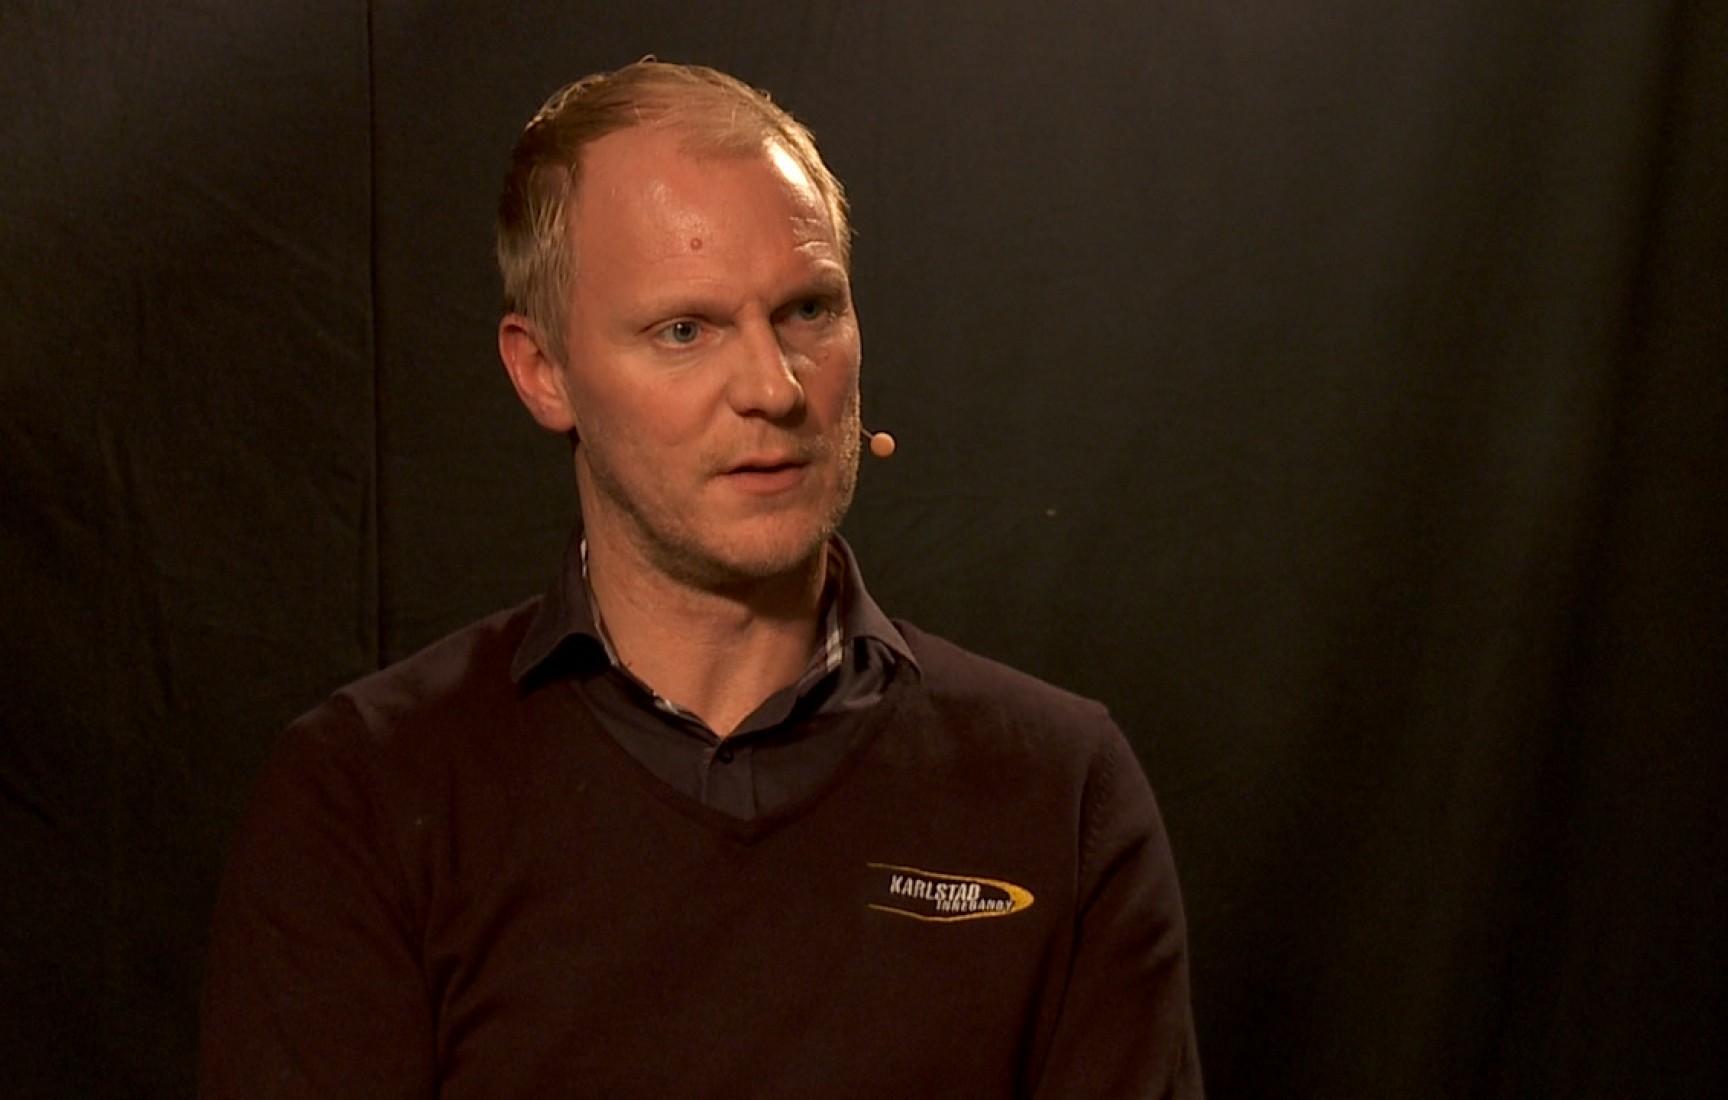 Glimt Sport – Michael Bergqvist, Karlstad IBF